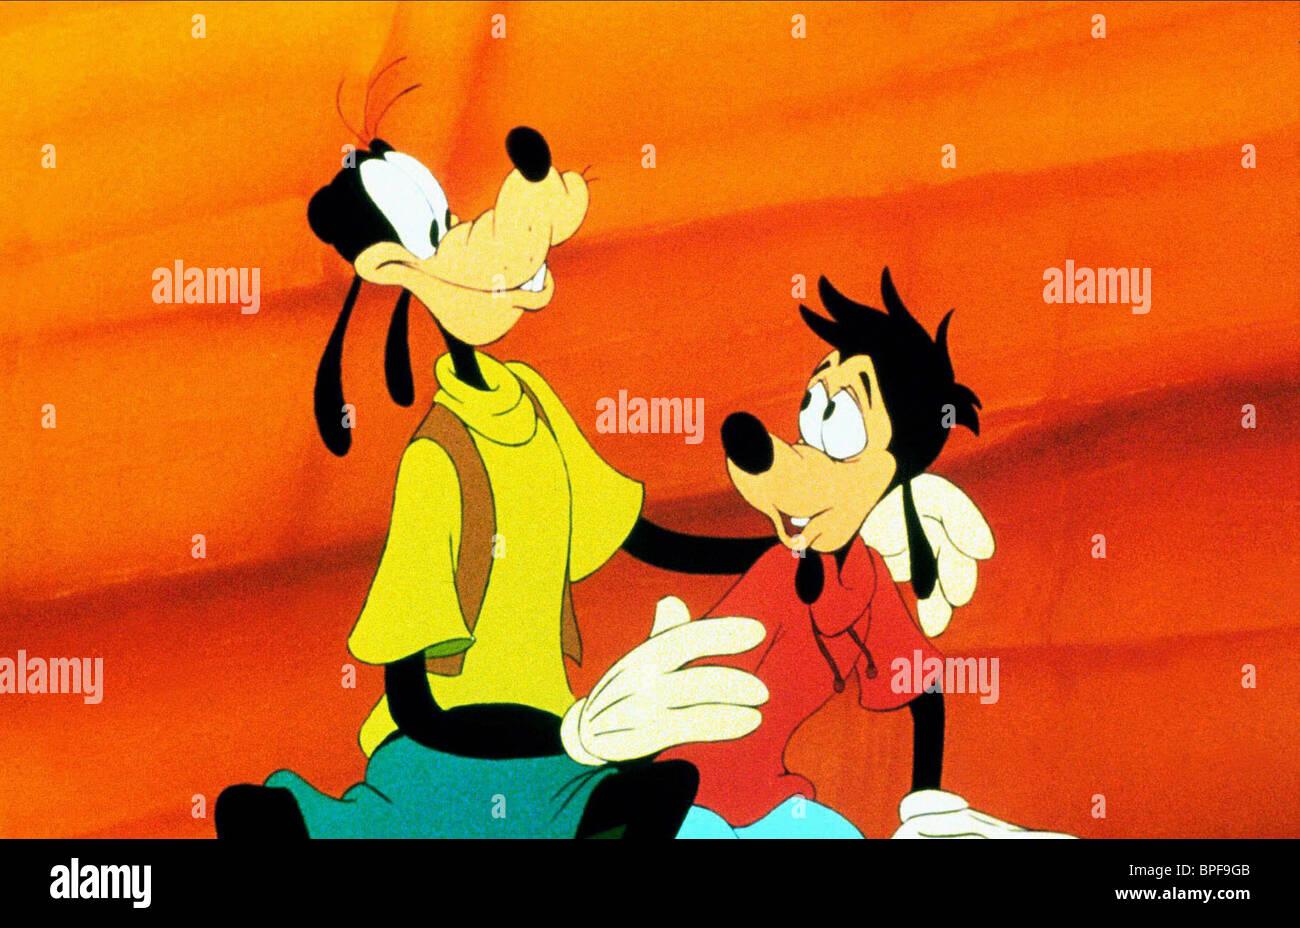 GOOFY & MAX A GOOFY MOVIE (1995) - Stock Image